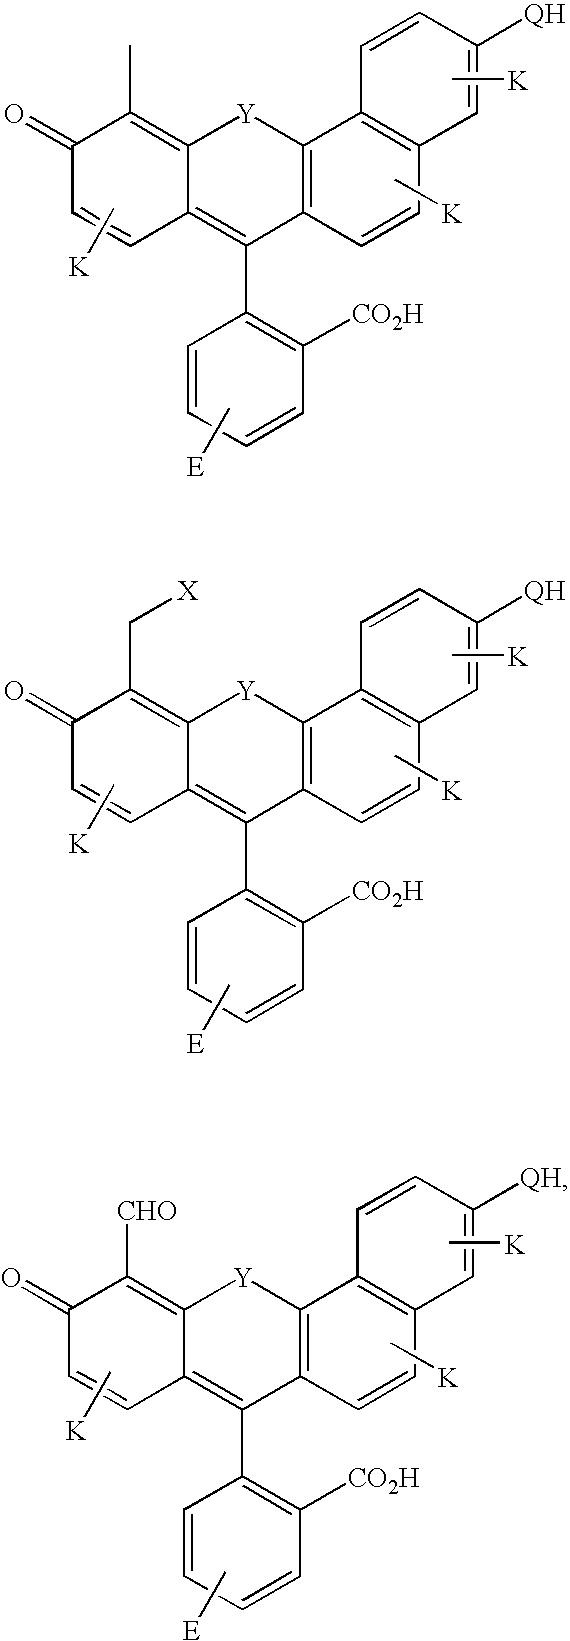 Figure US07488820-20090210-C00024